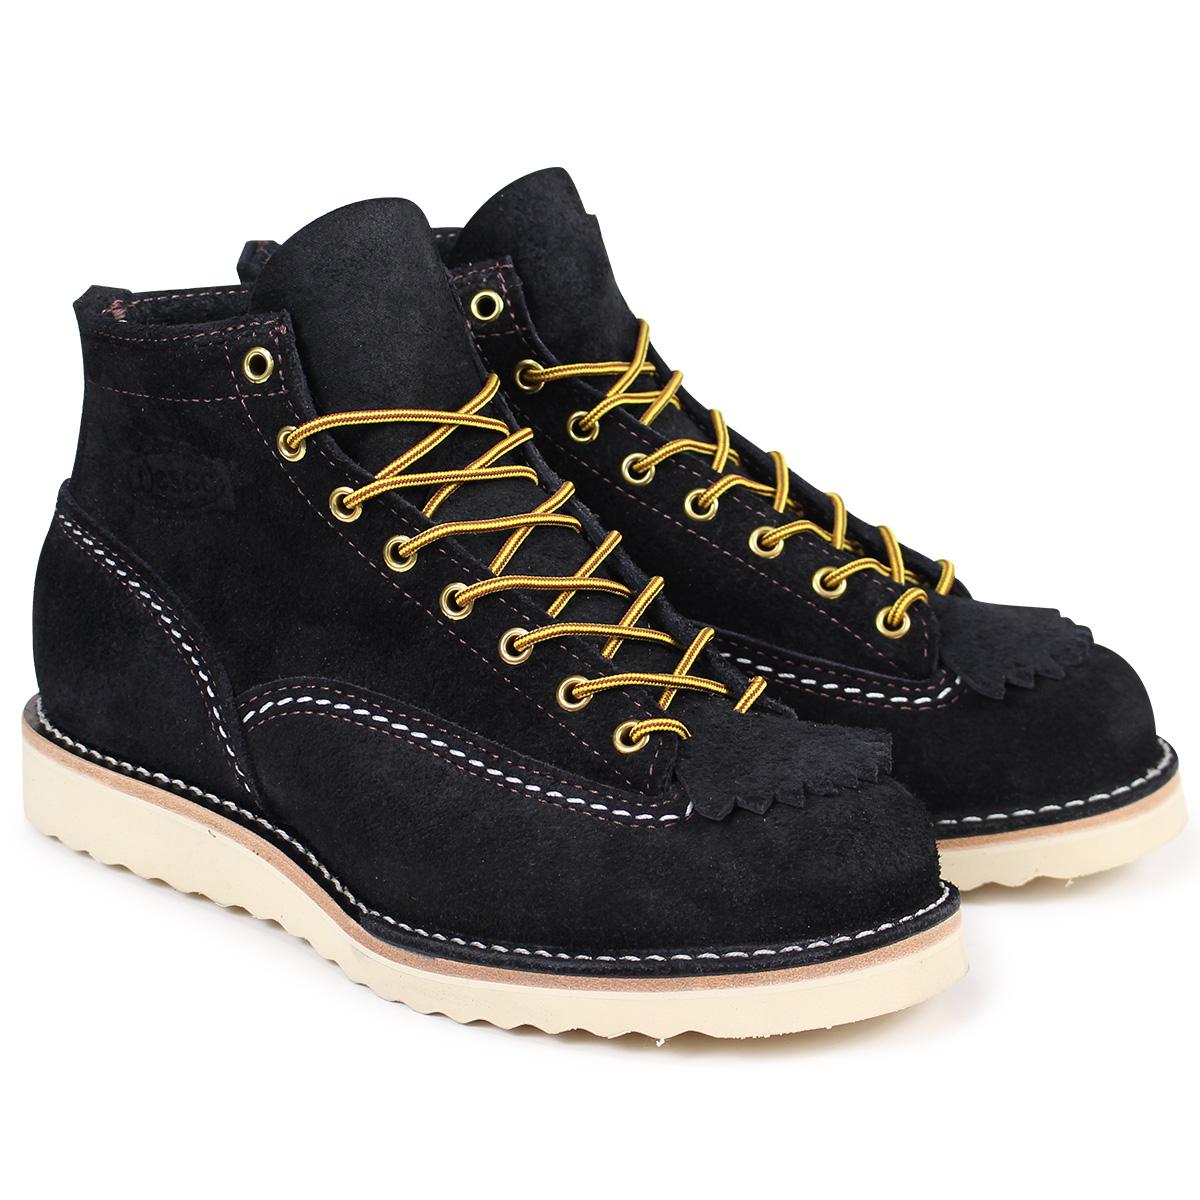 WESCO 6INCH CUSTOM JOB MASTER ウエスコ ジョブマスター ブーツ 6インチ カスタム Eワイズ スエード メンズ ブラック BK1061010 ウェスコ